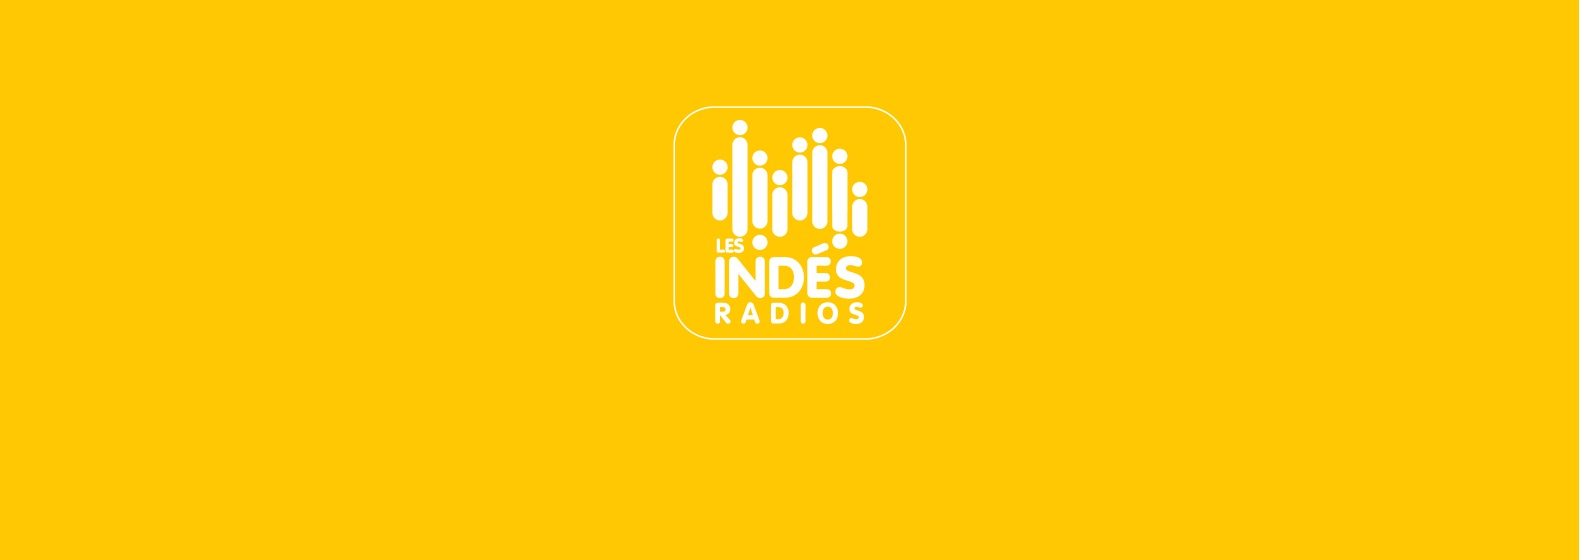 indes-radios.jpg